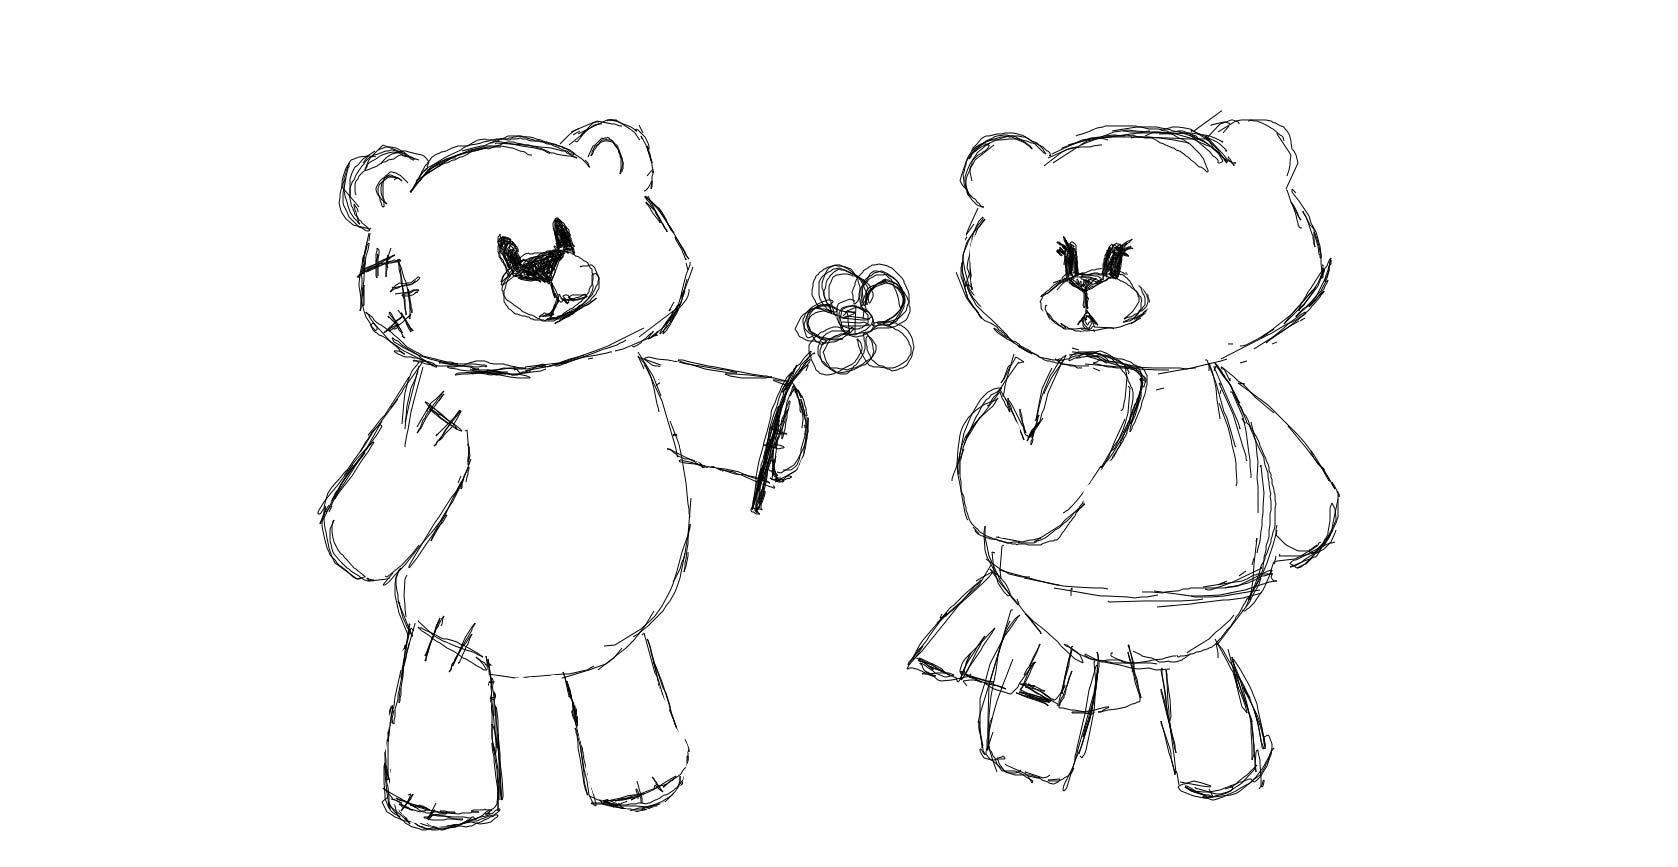 Рисунки-и-картинки-для-детей-нарисованные---скачать-красивые-и-прикольные-1